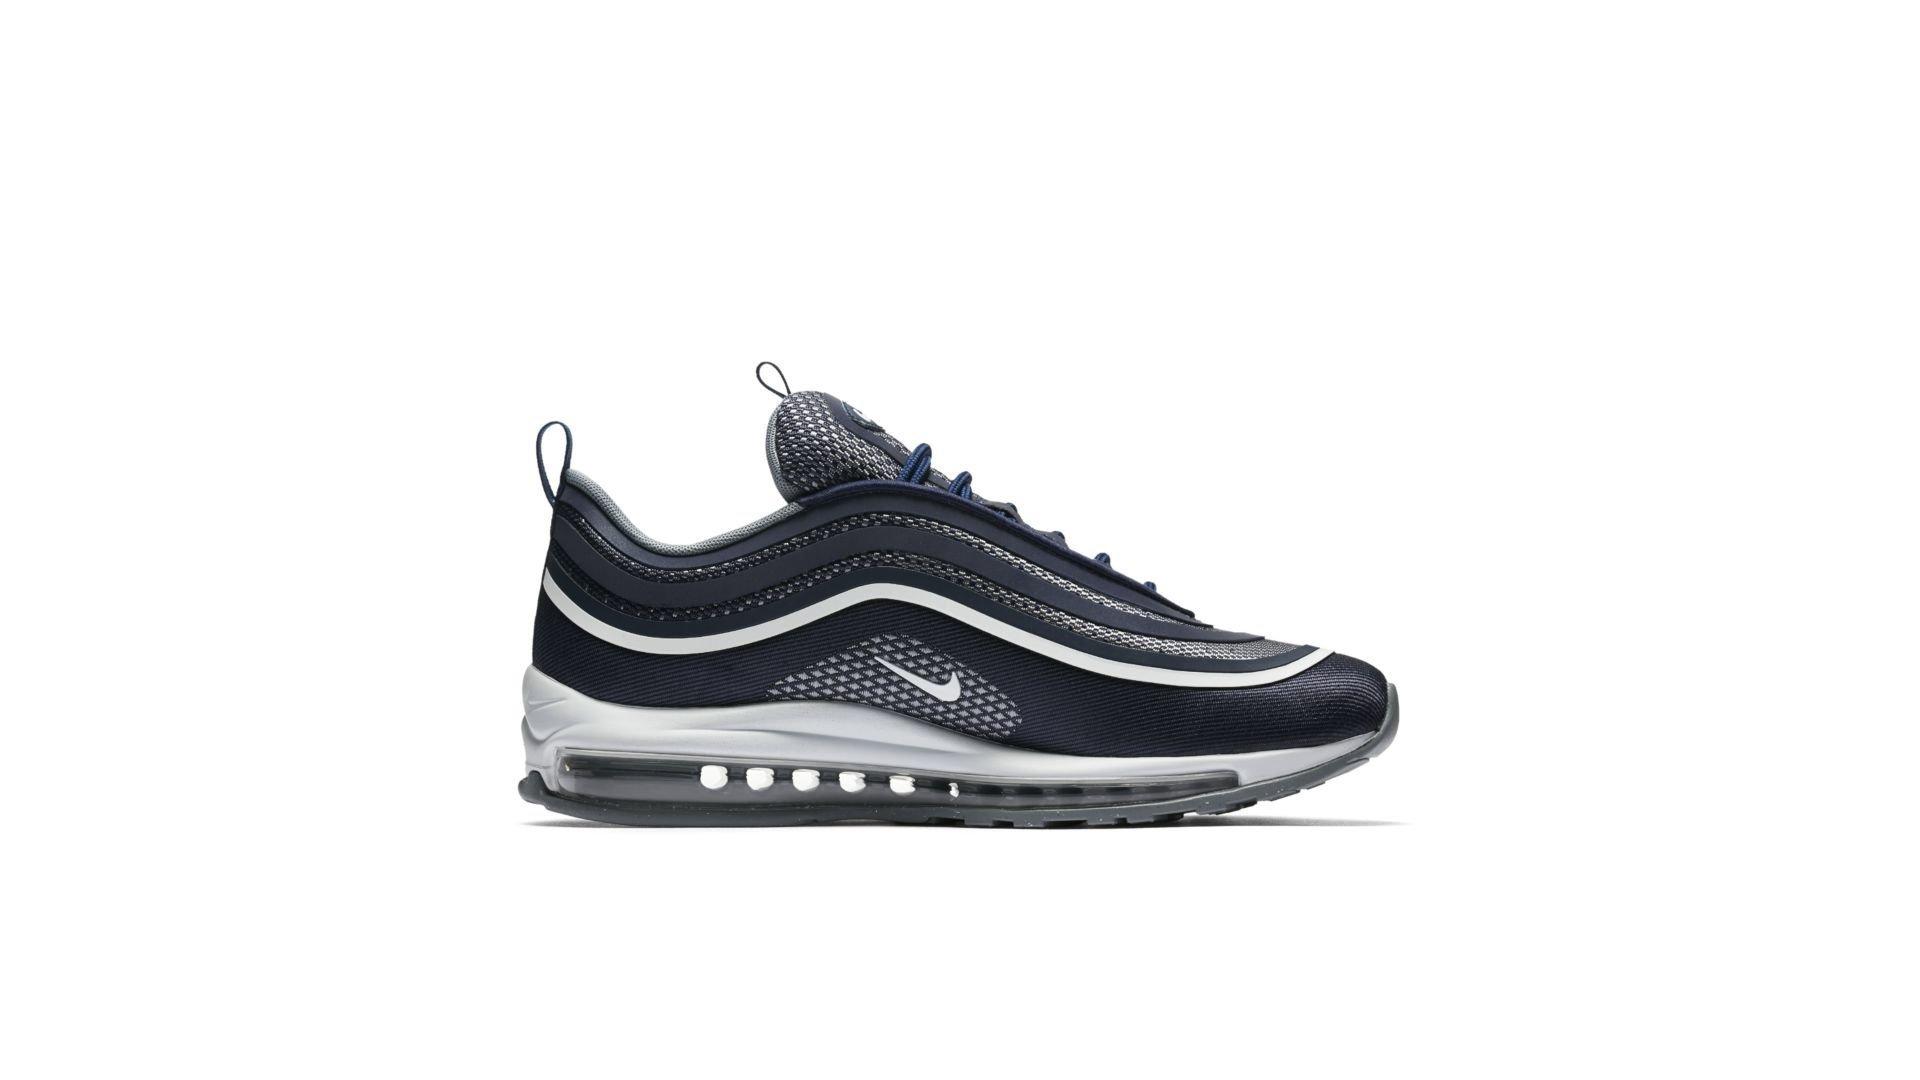 Nike Air Max 97 Ultra 918356-400